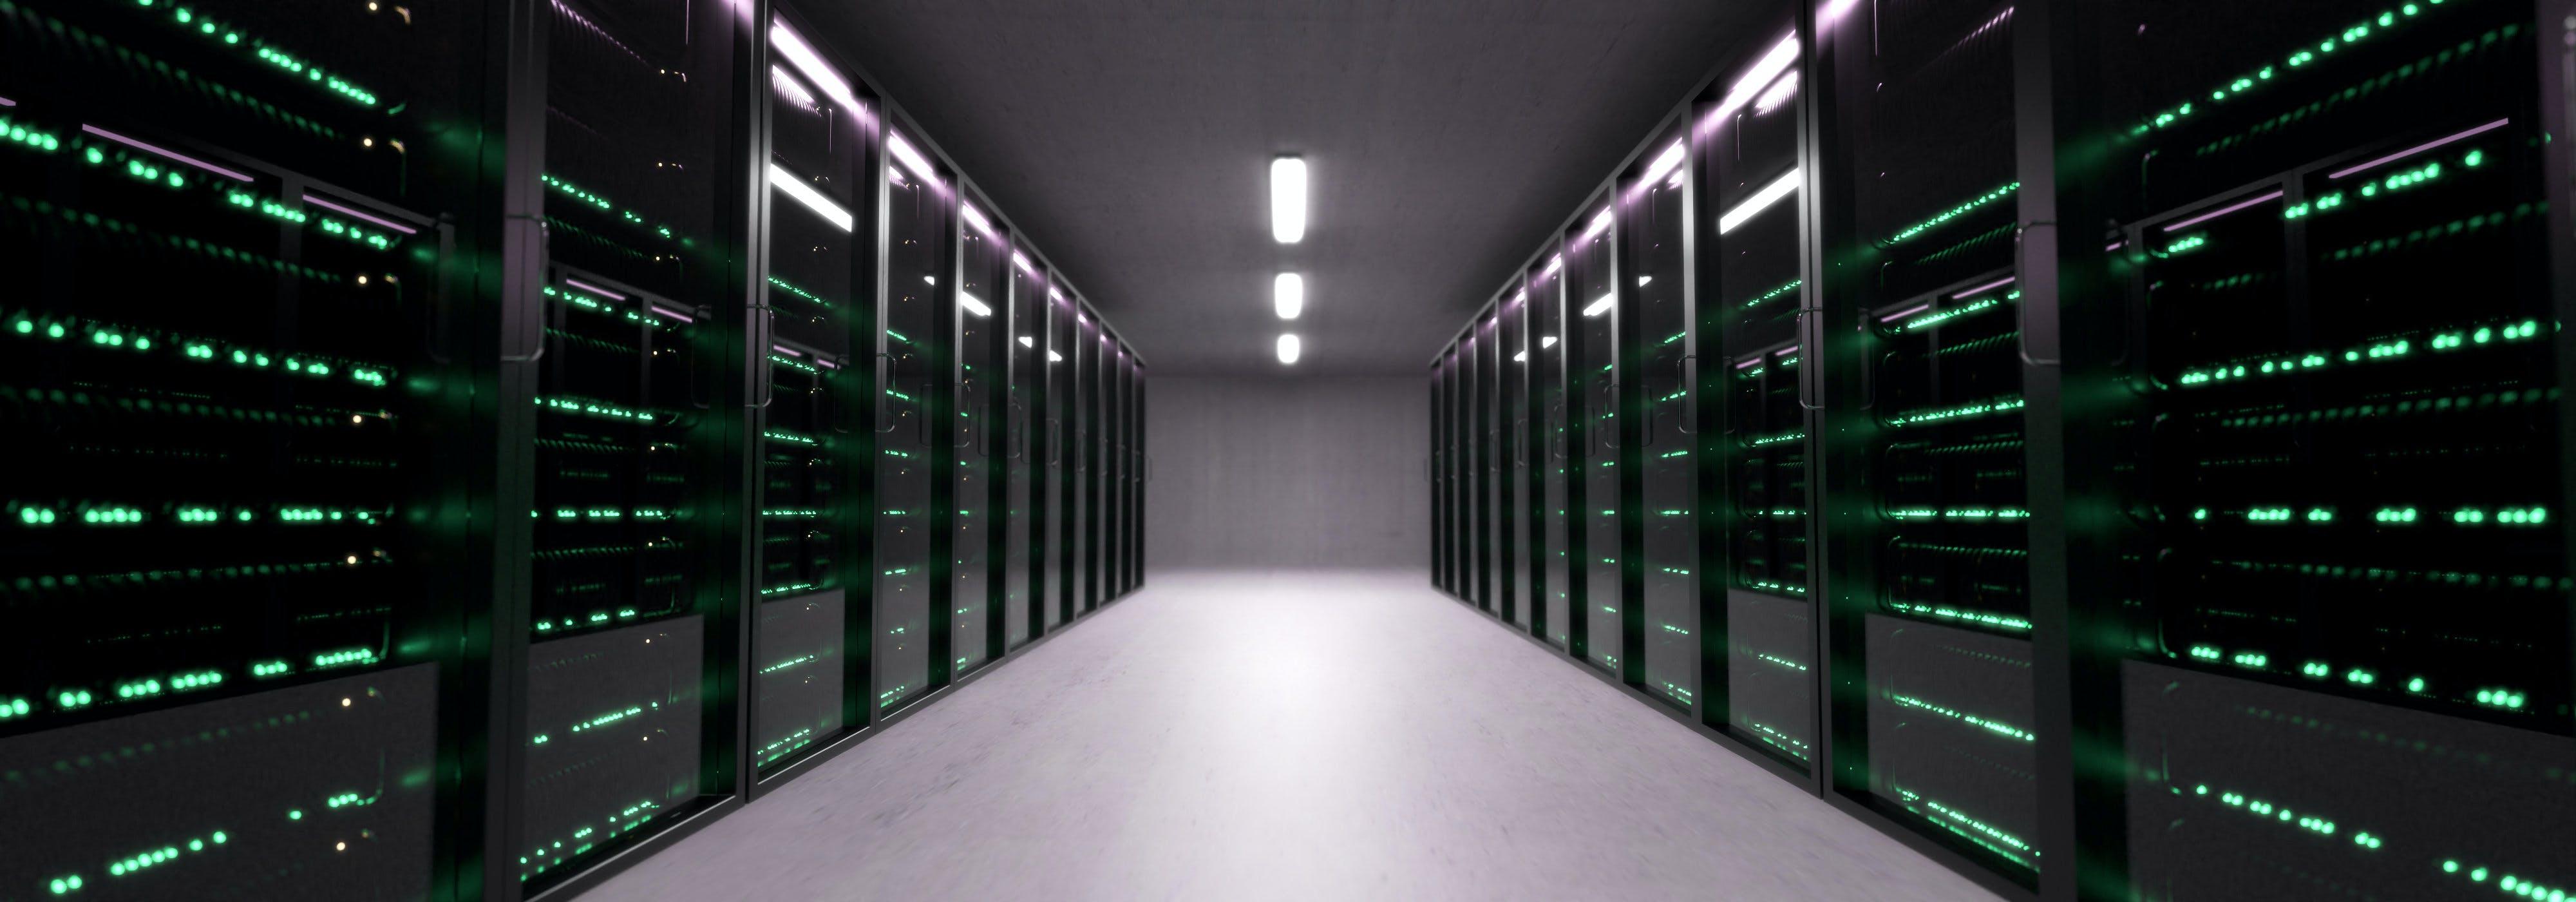 Kostenloses Stock Foto zu netz, 3d, tech, server